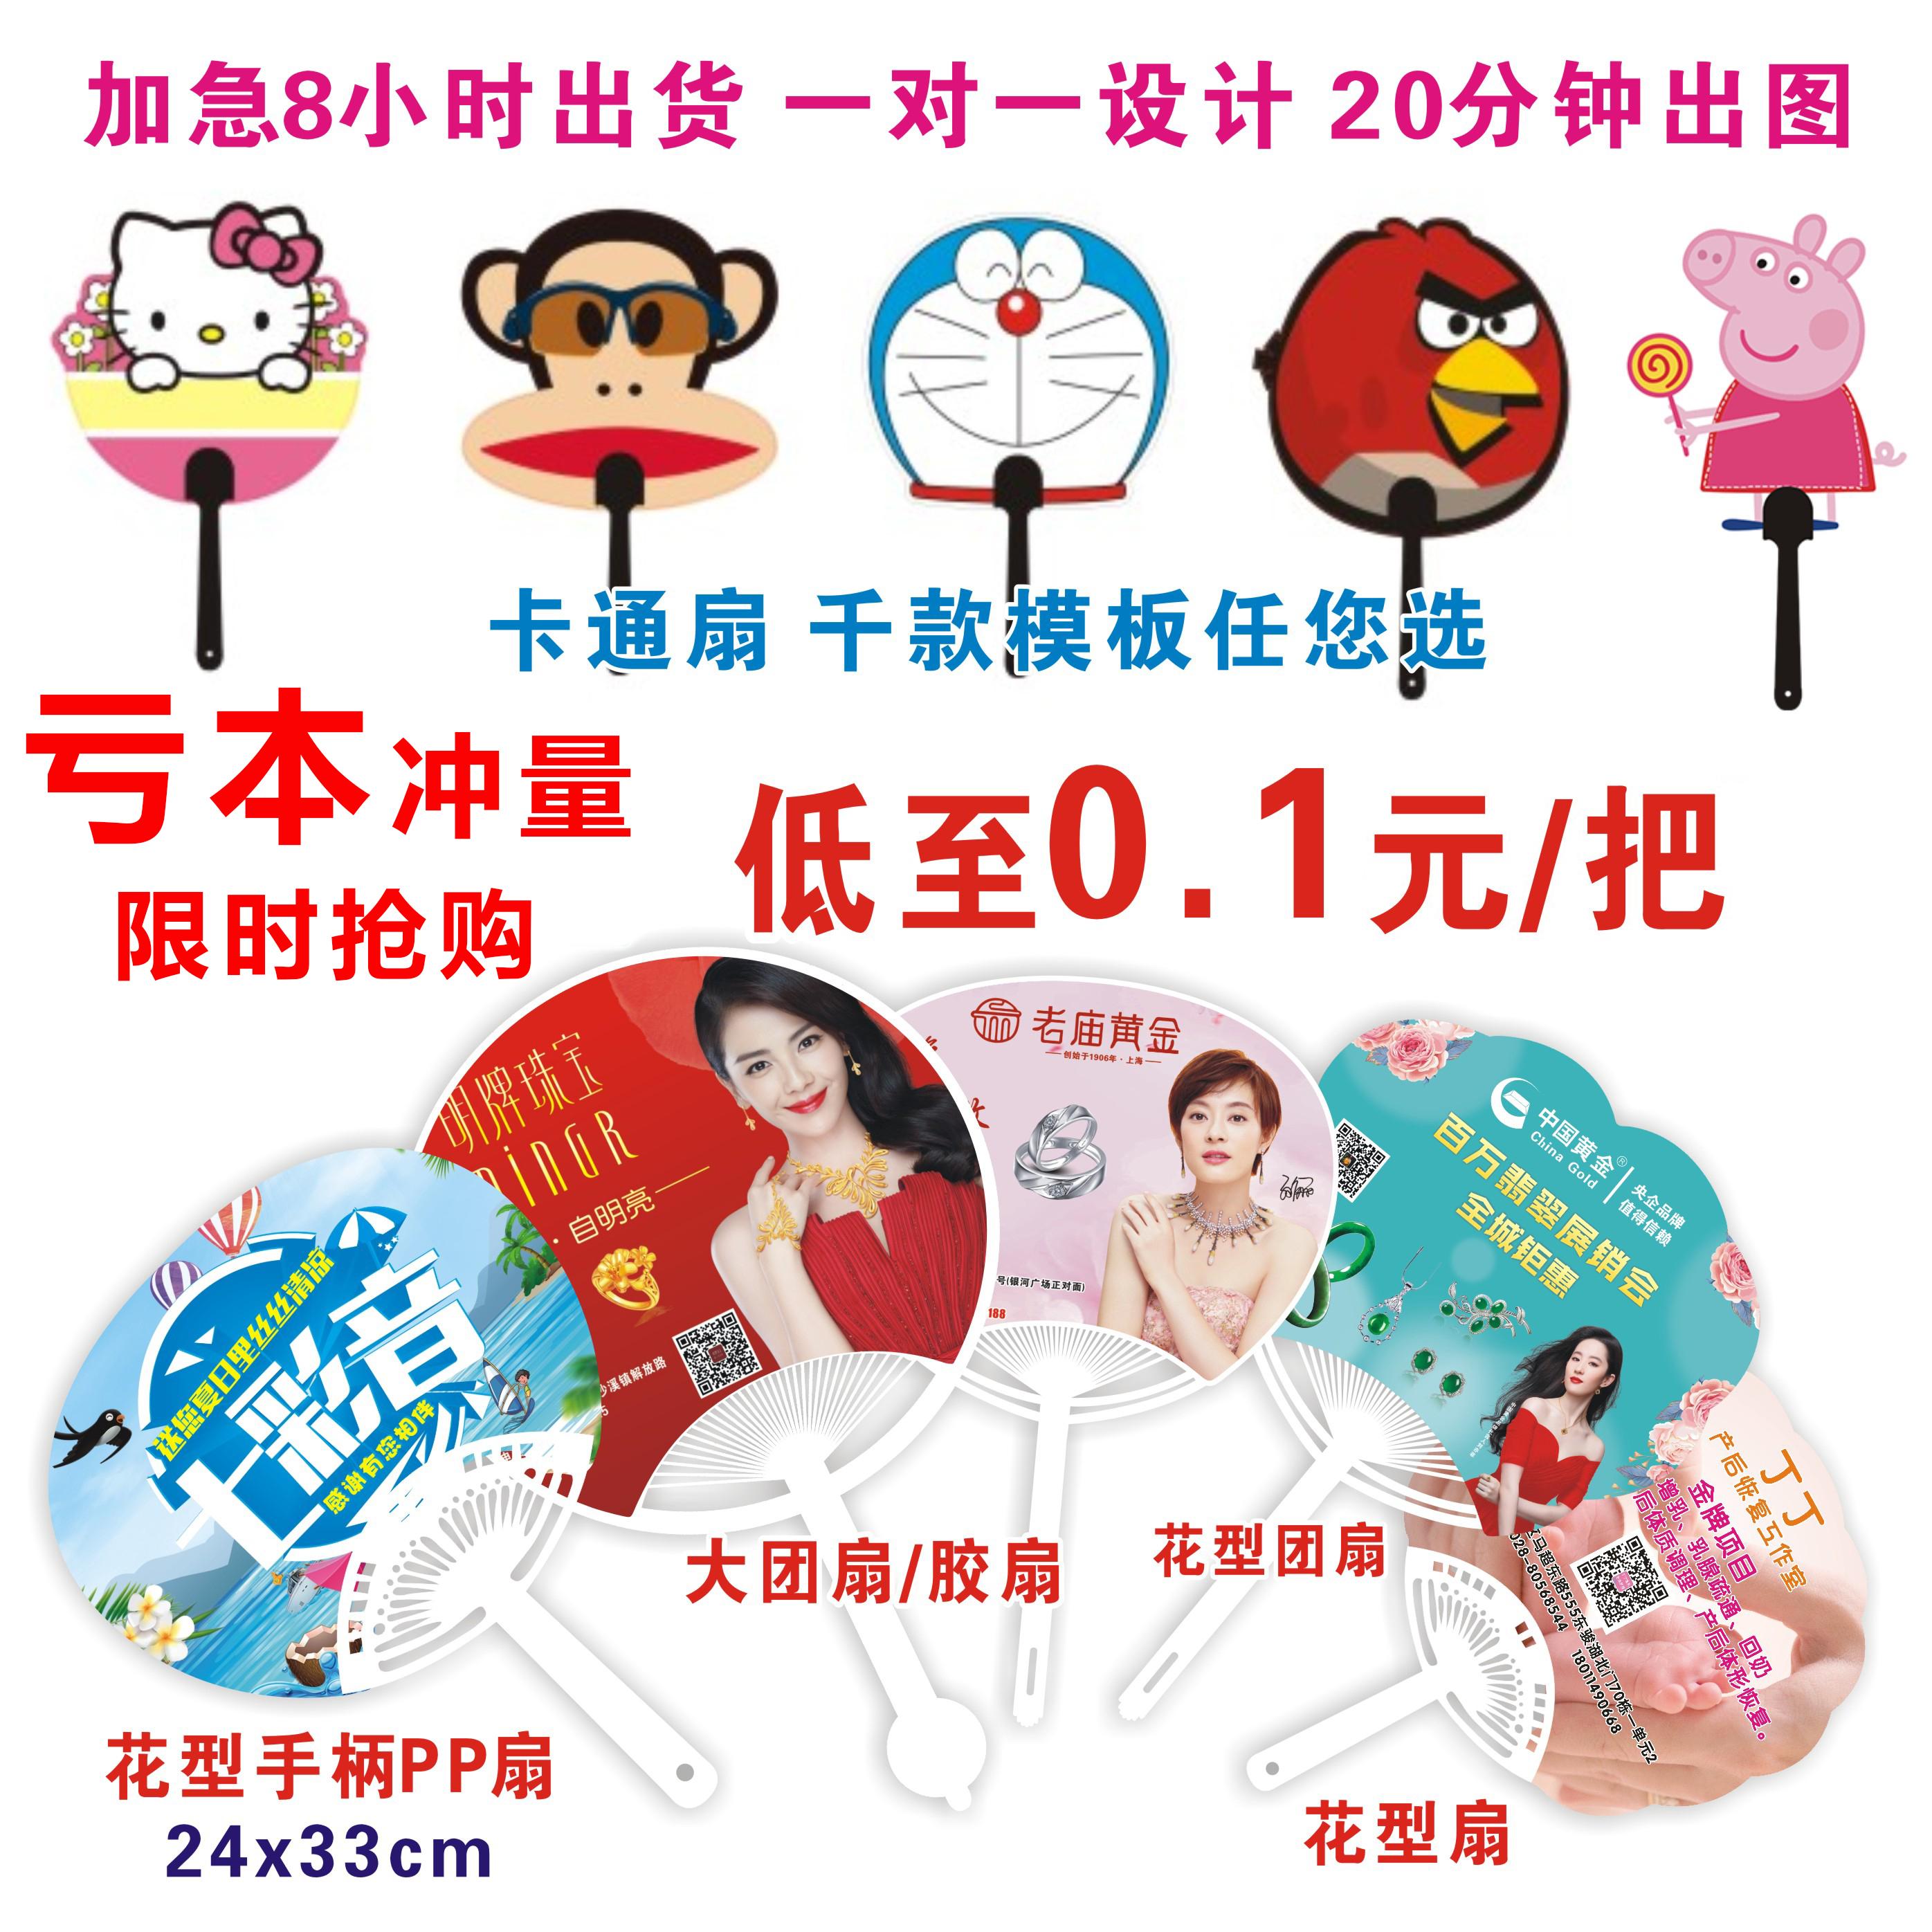 广告扇定制卡通扇塑料宣传1000把扇子定做招生订团扇印字logo礼品